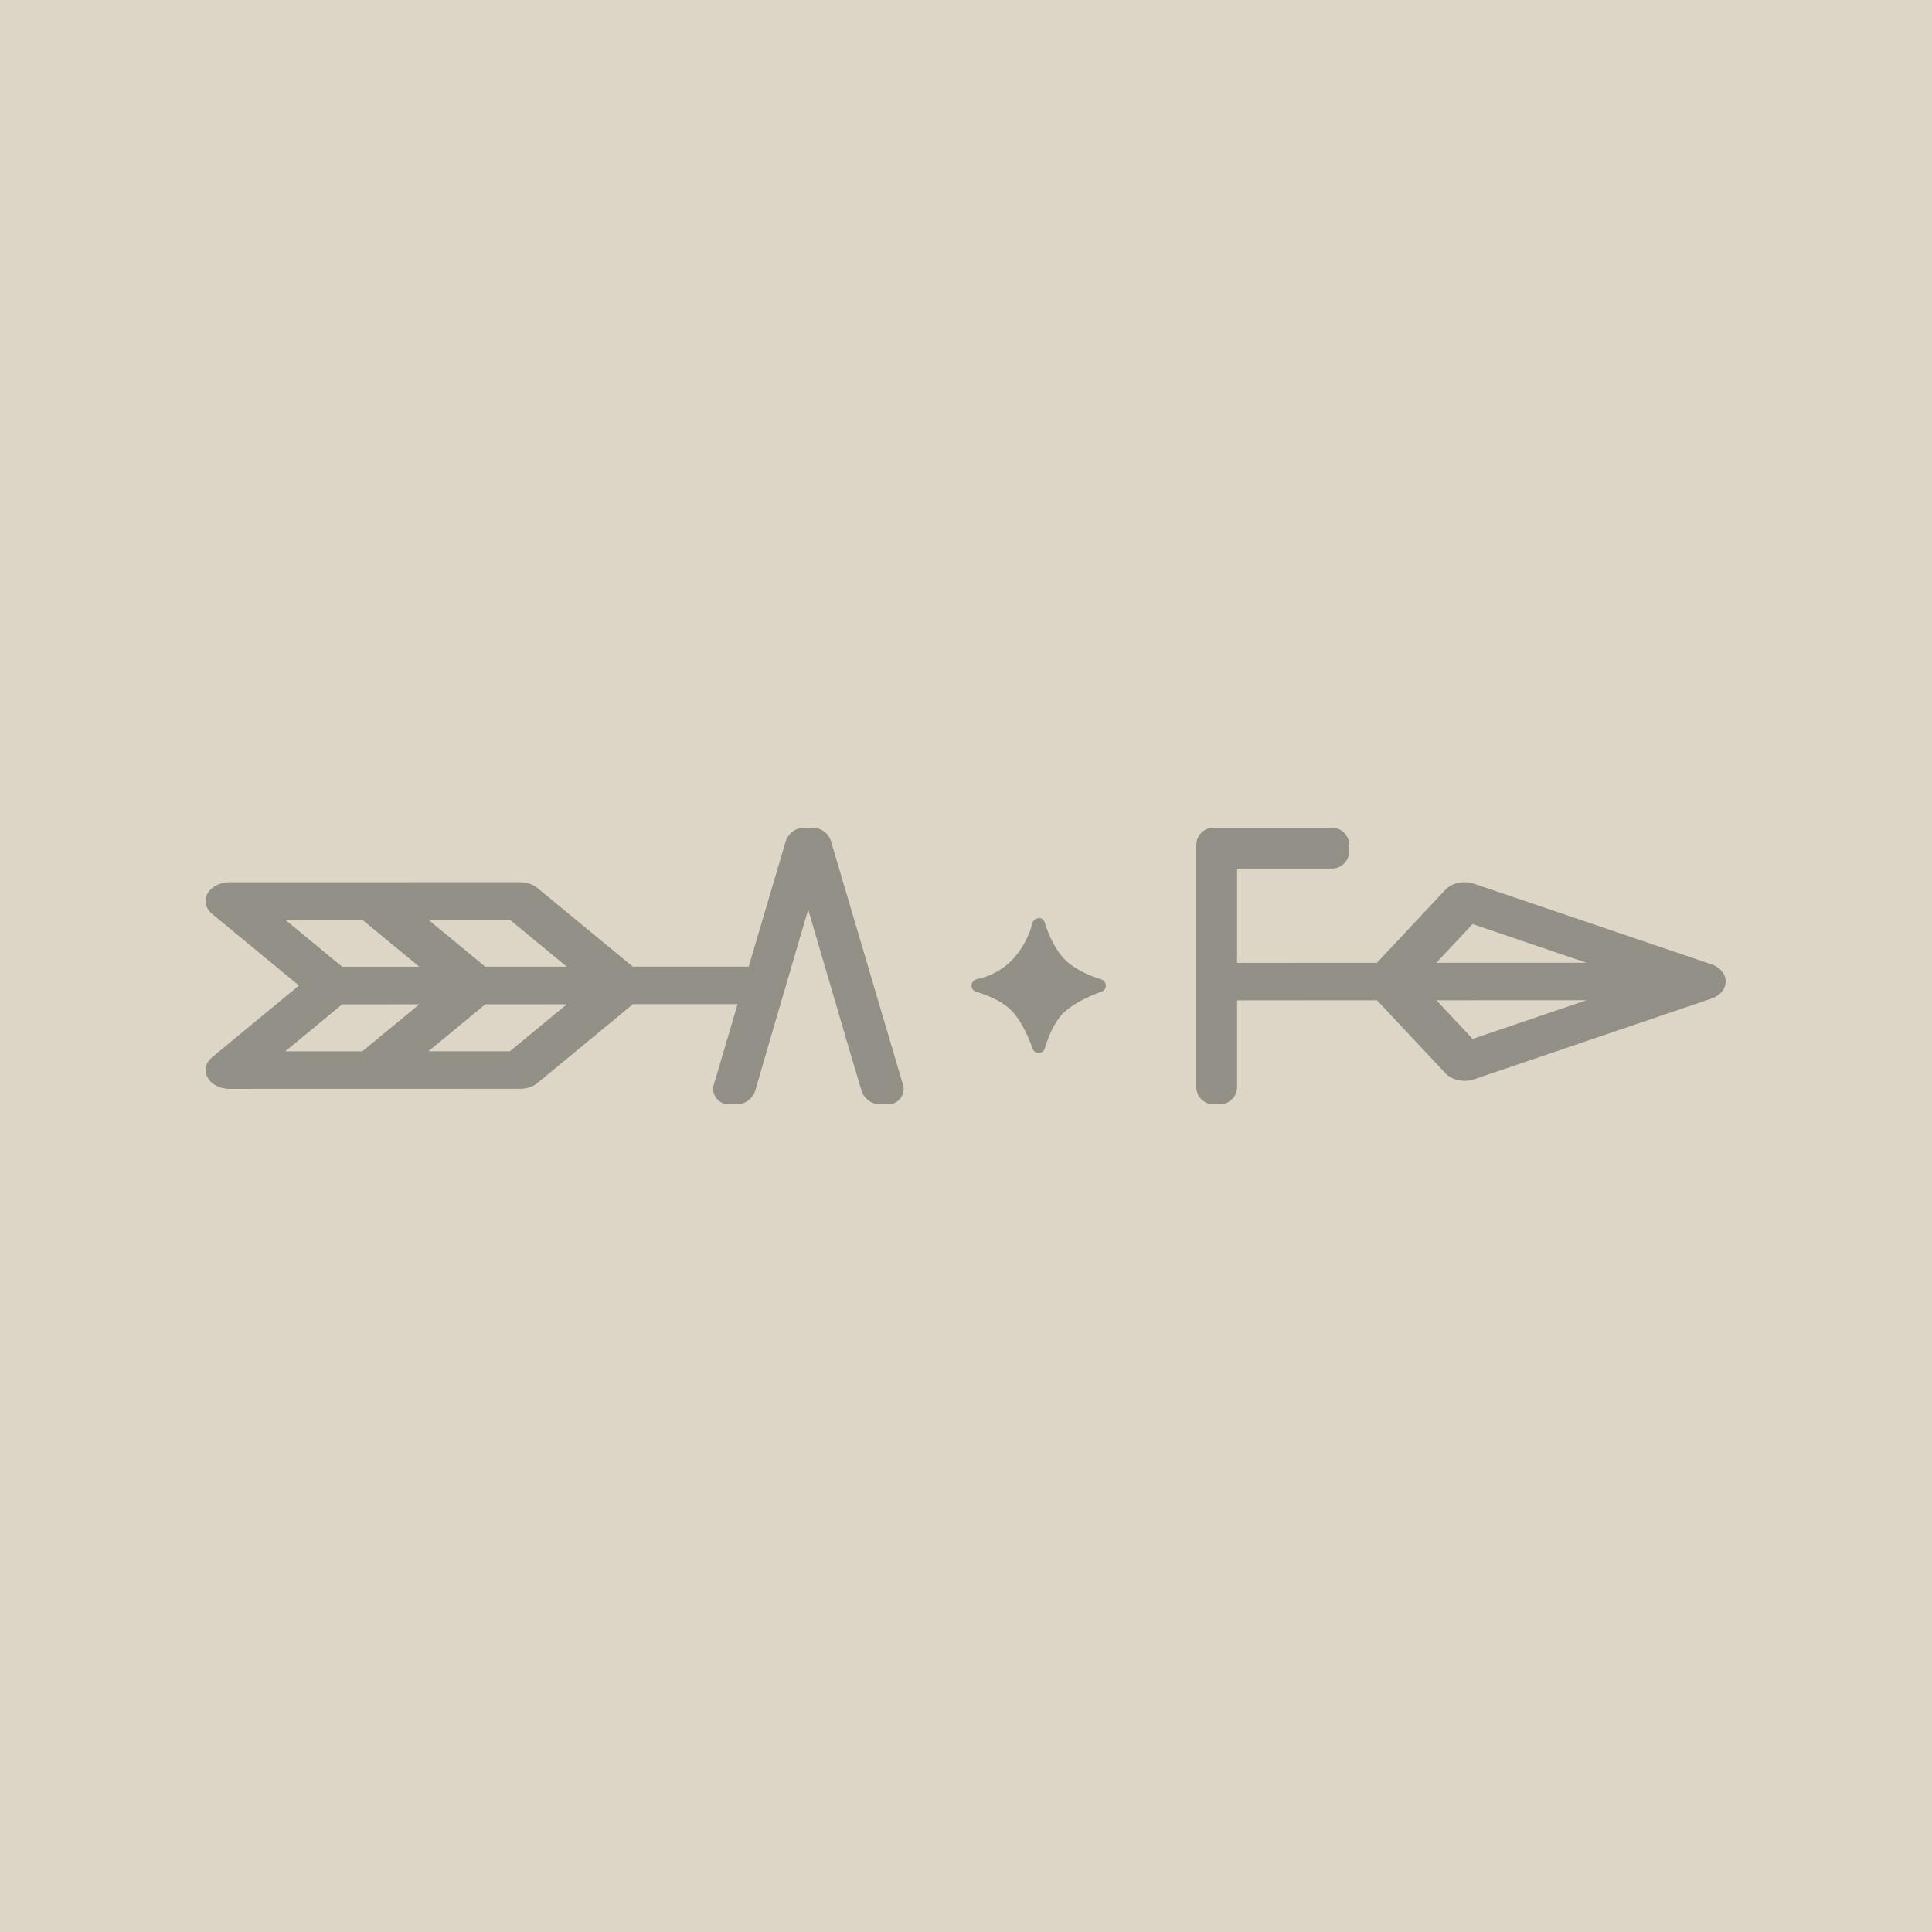 logos_0049_apollo_7.jpg